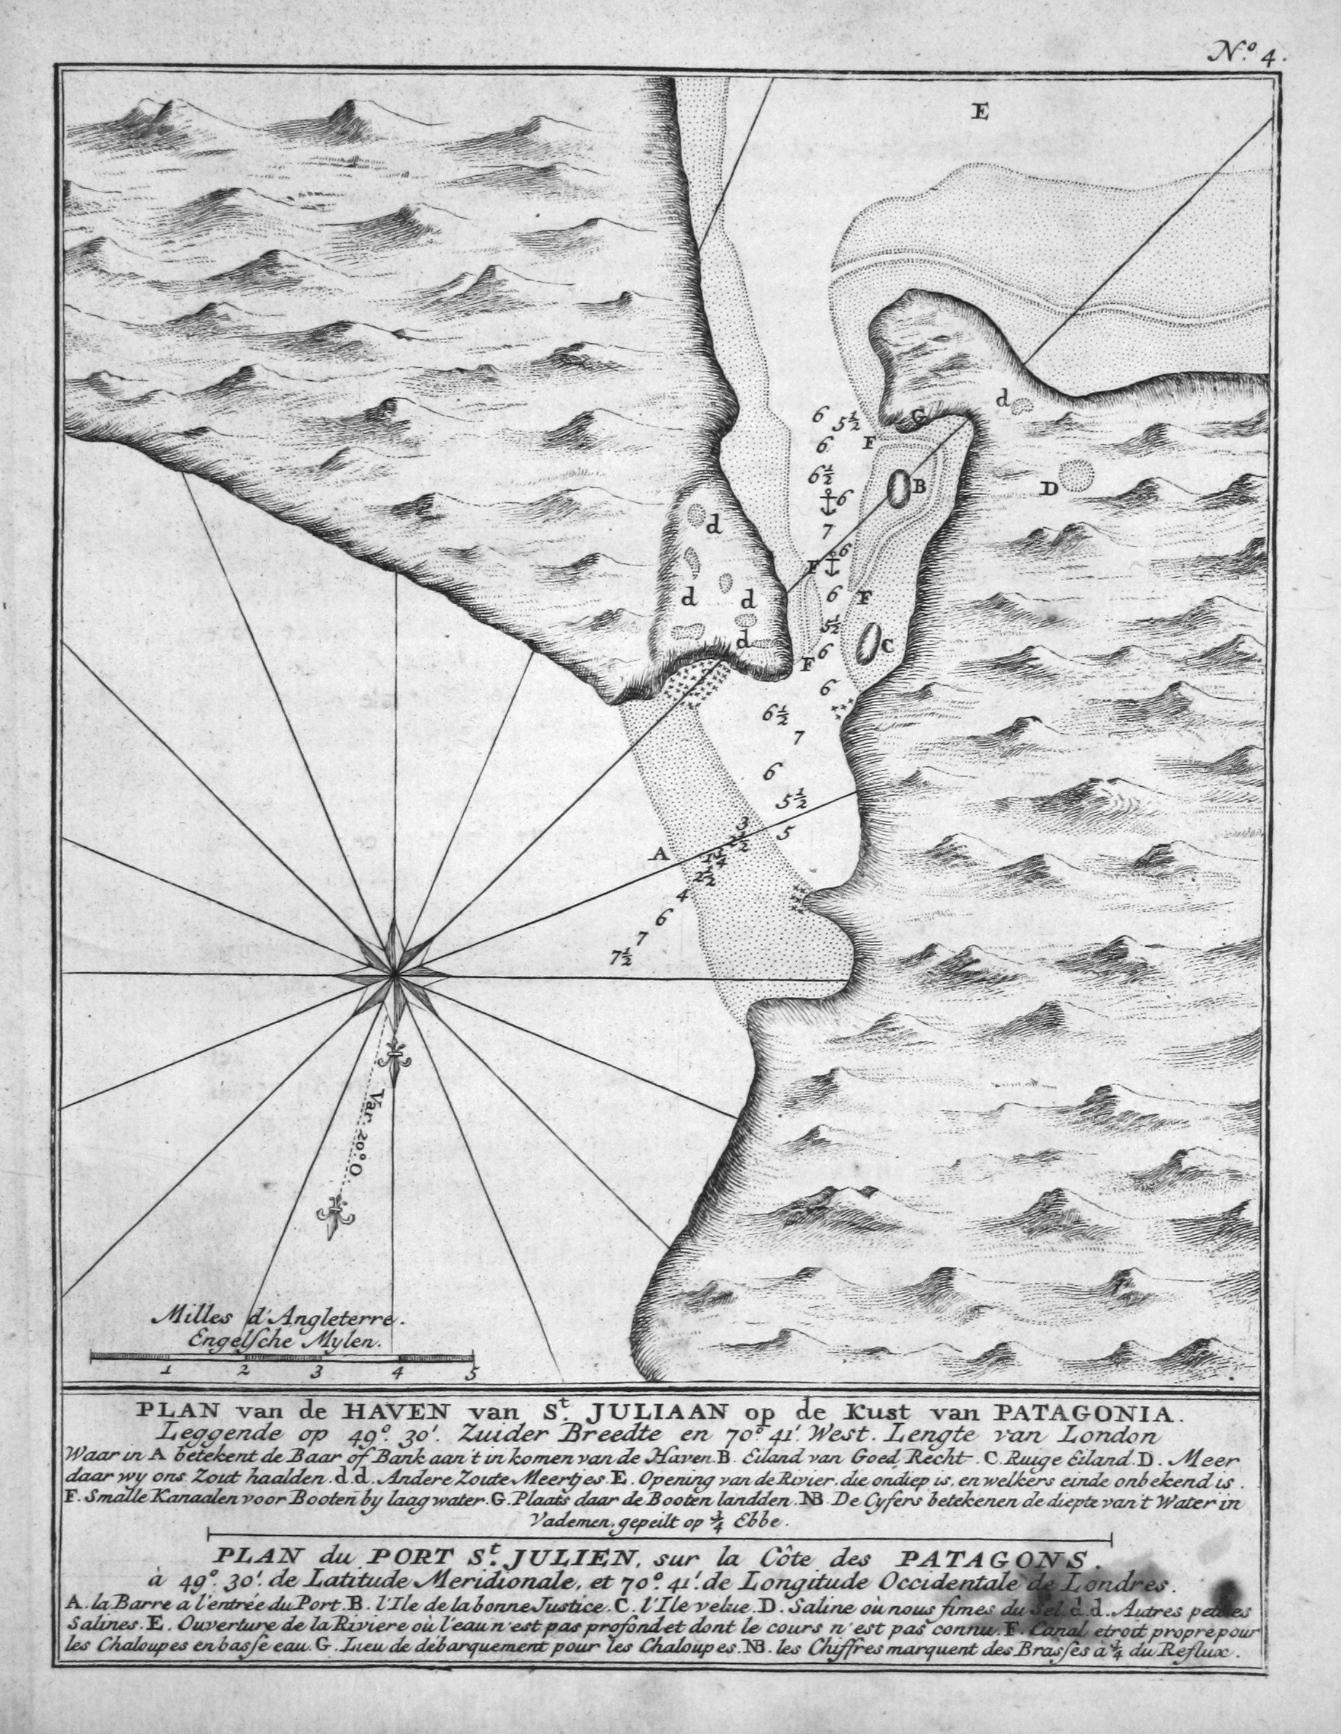 Plan van de Haven van St. Juliaan: Anson, George: